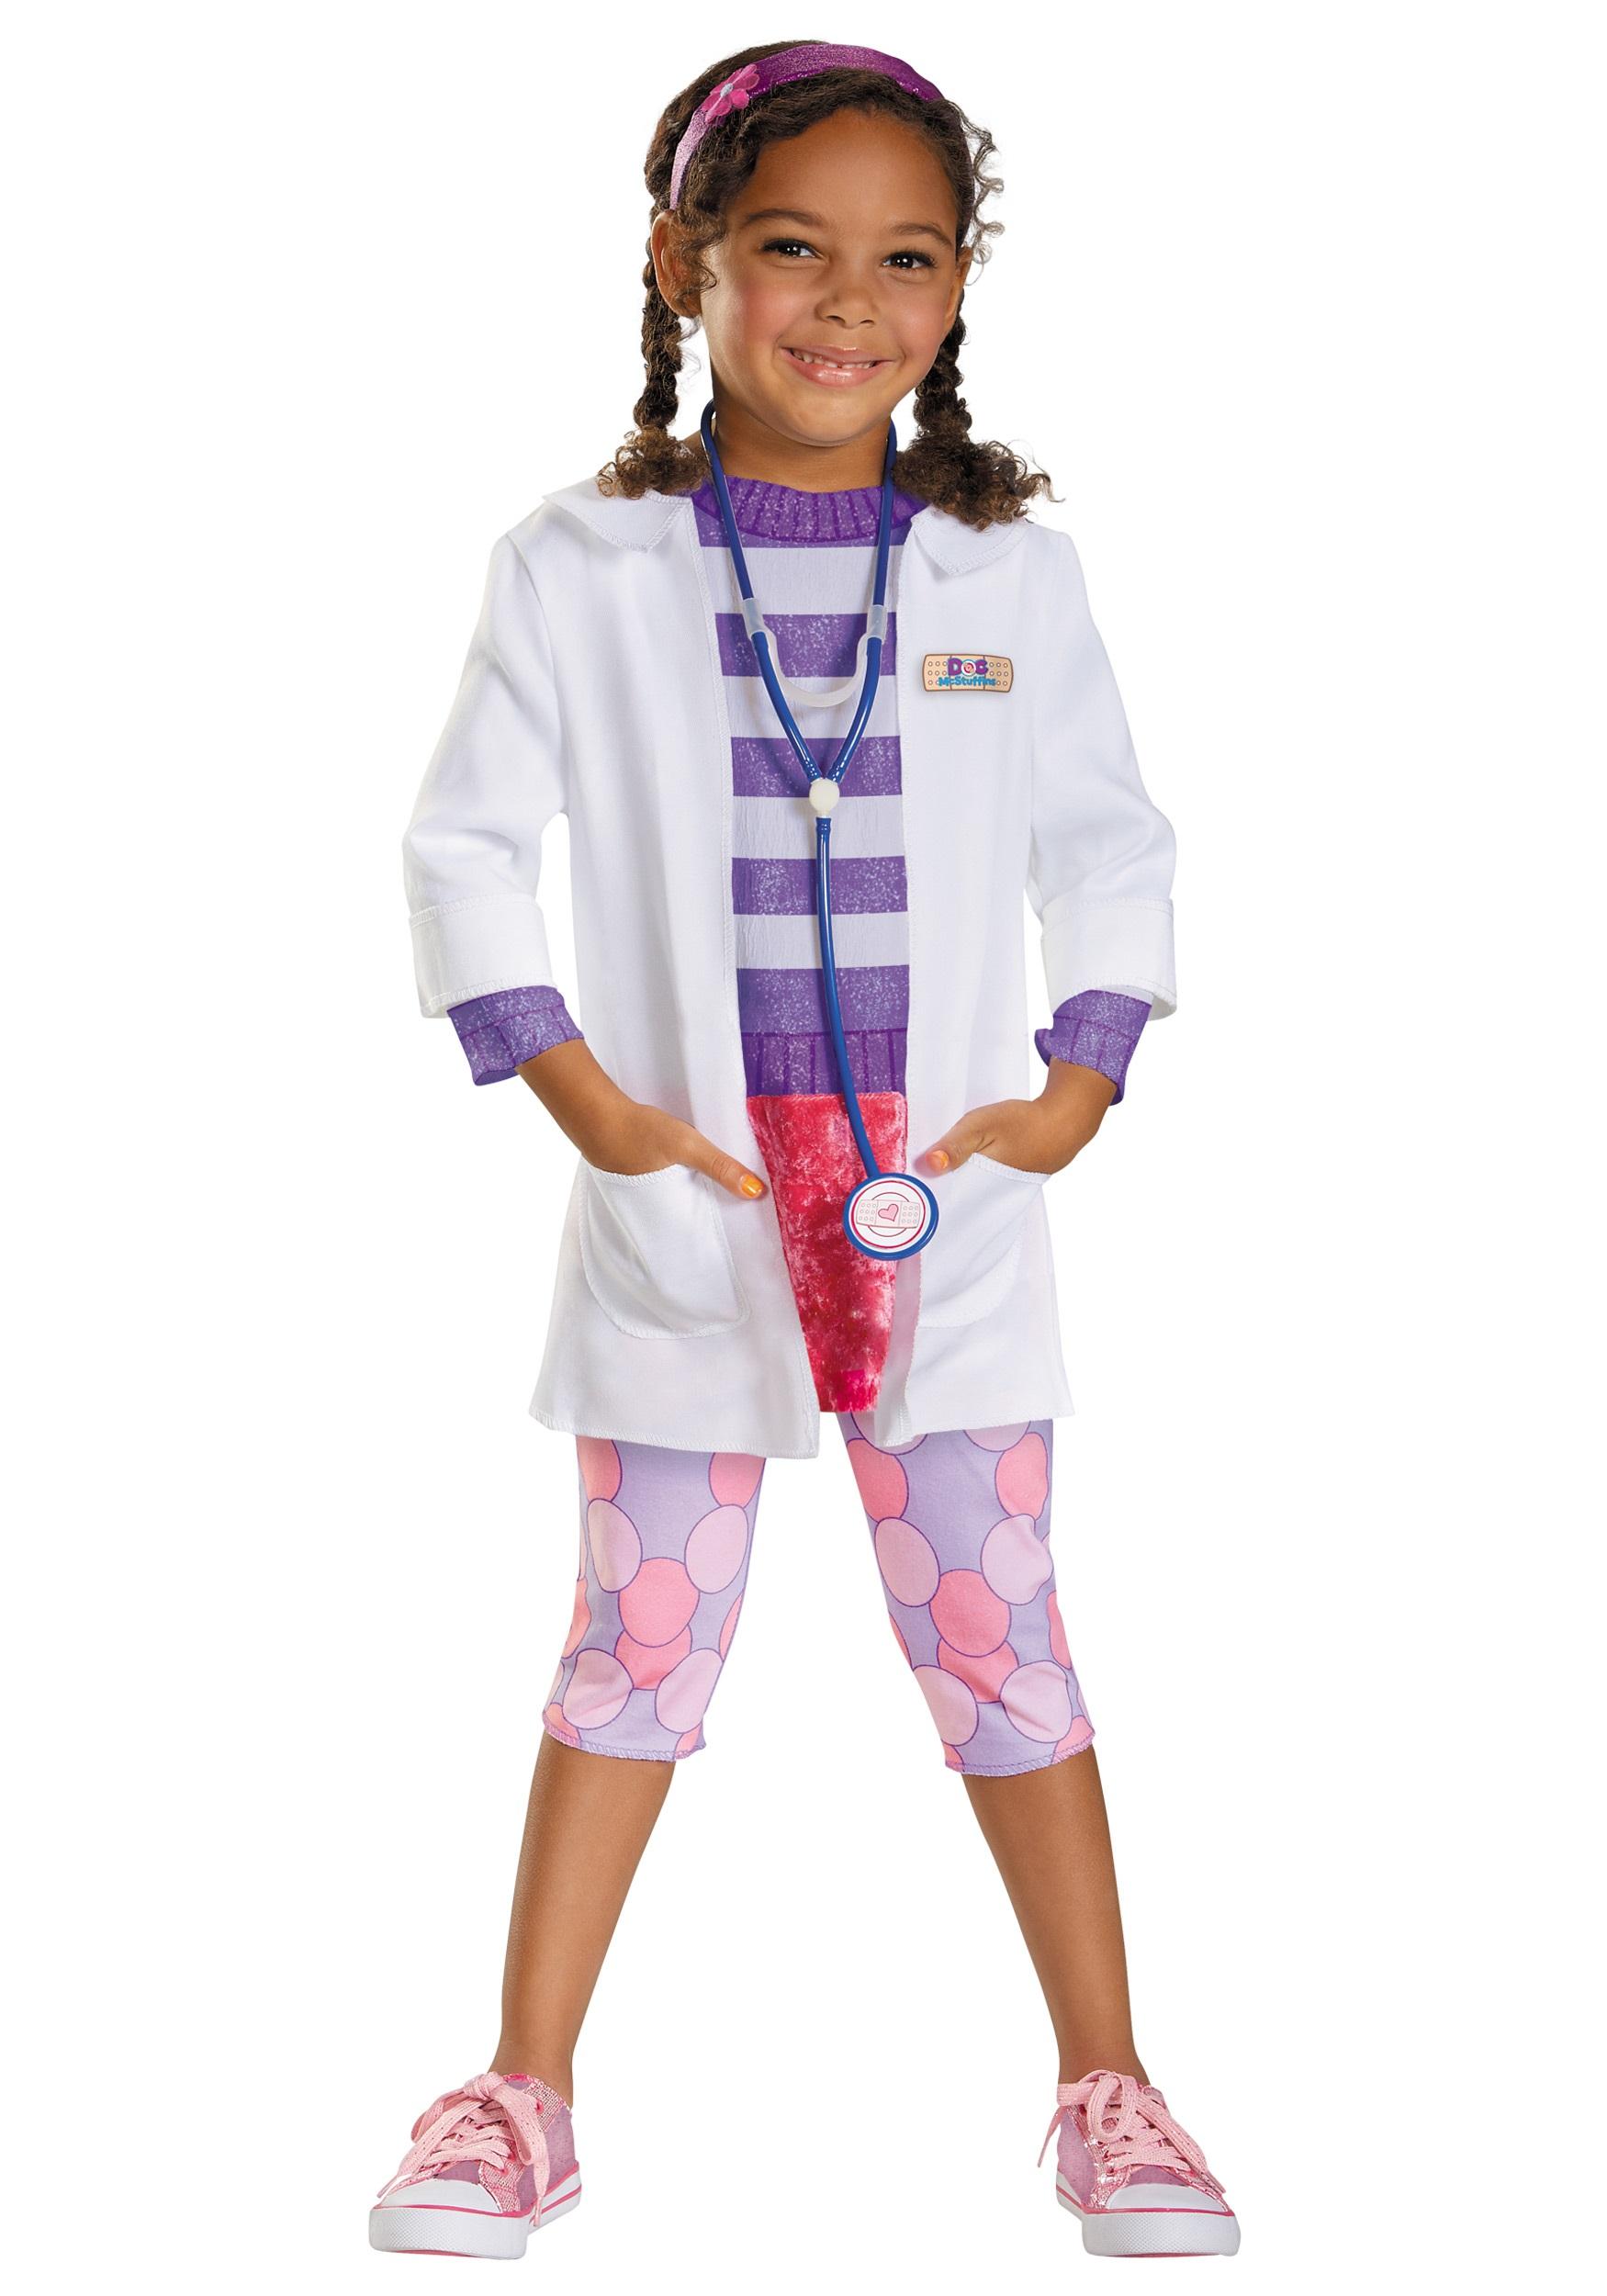 Deluxe Disfraz Doctora Niños Pequeños Juguetes Para De Lquzgsvmp Y6fgb7y